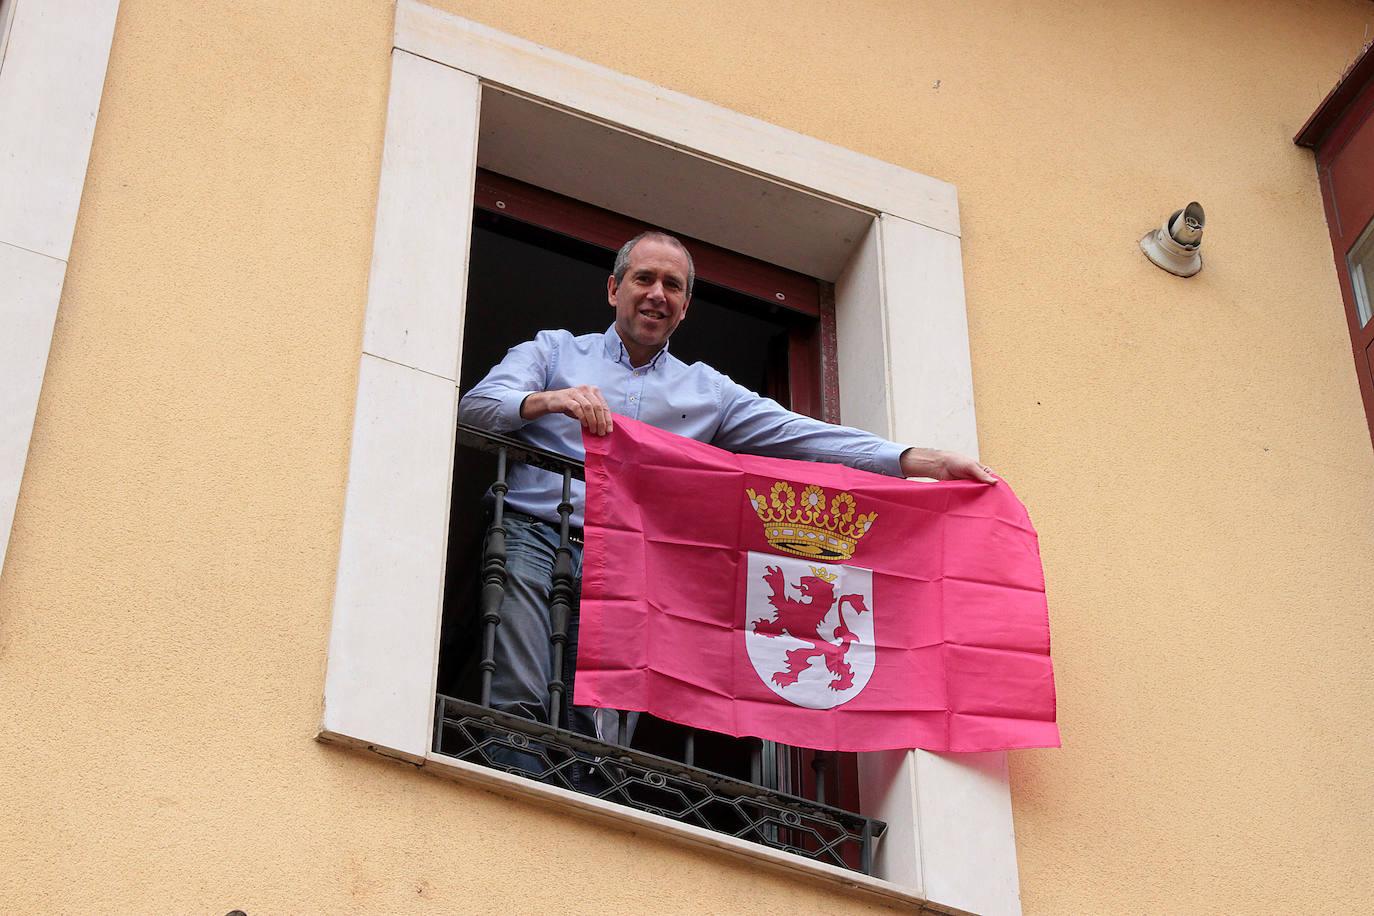 Luis Enrique Valdeón, concejal de UPL, en su domicilio.